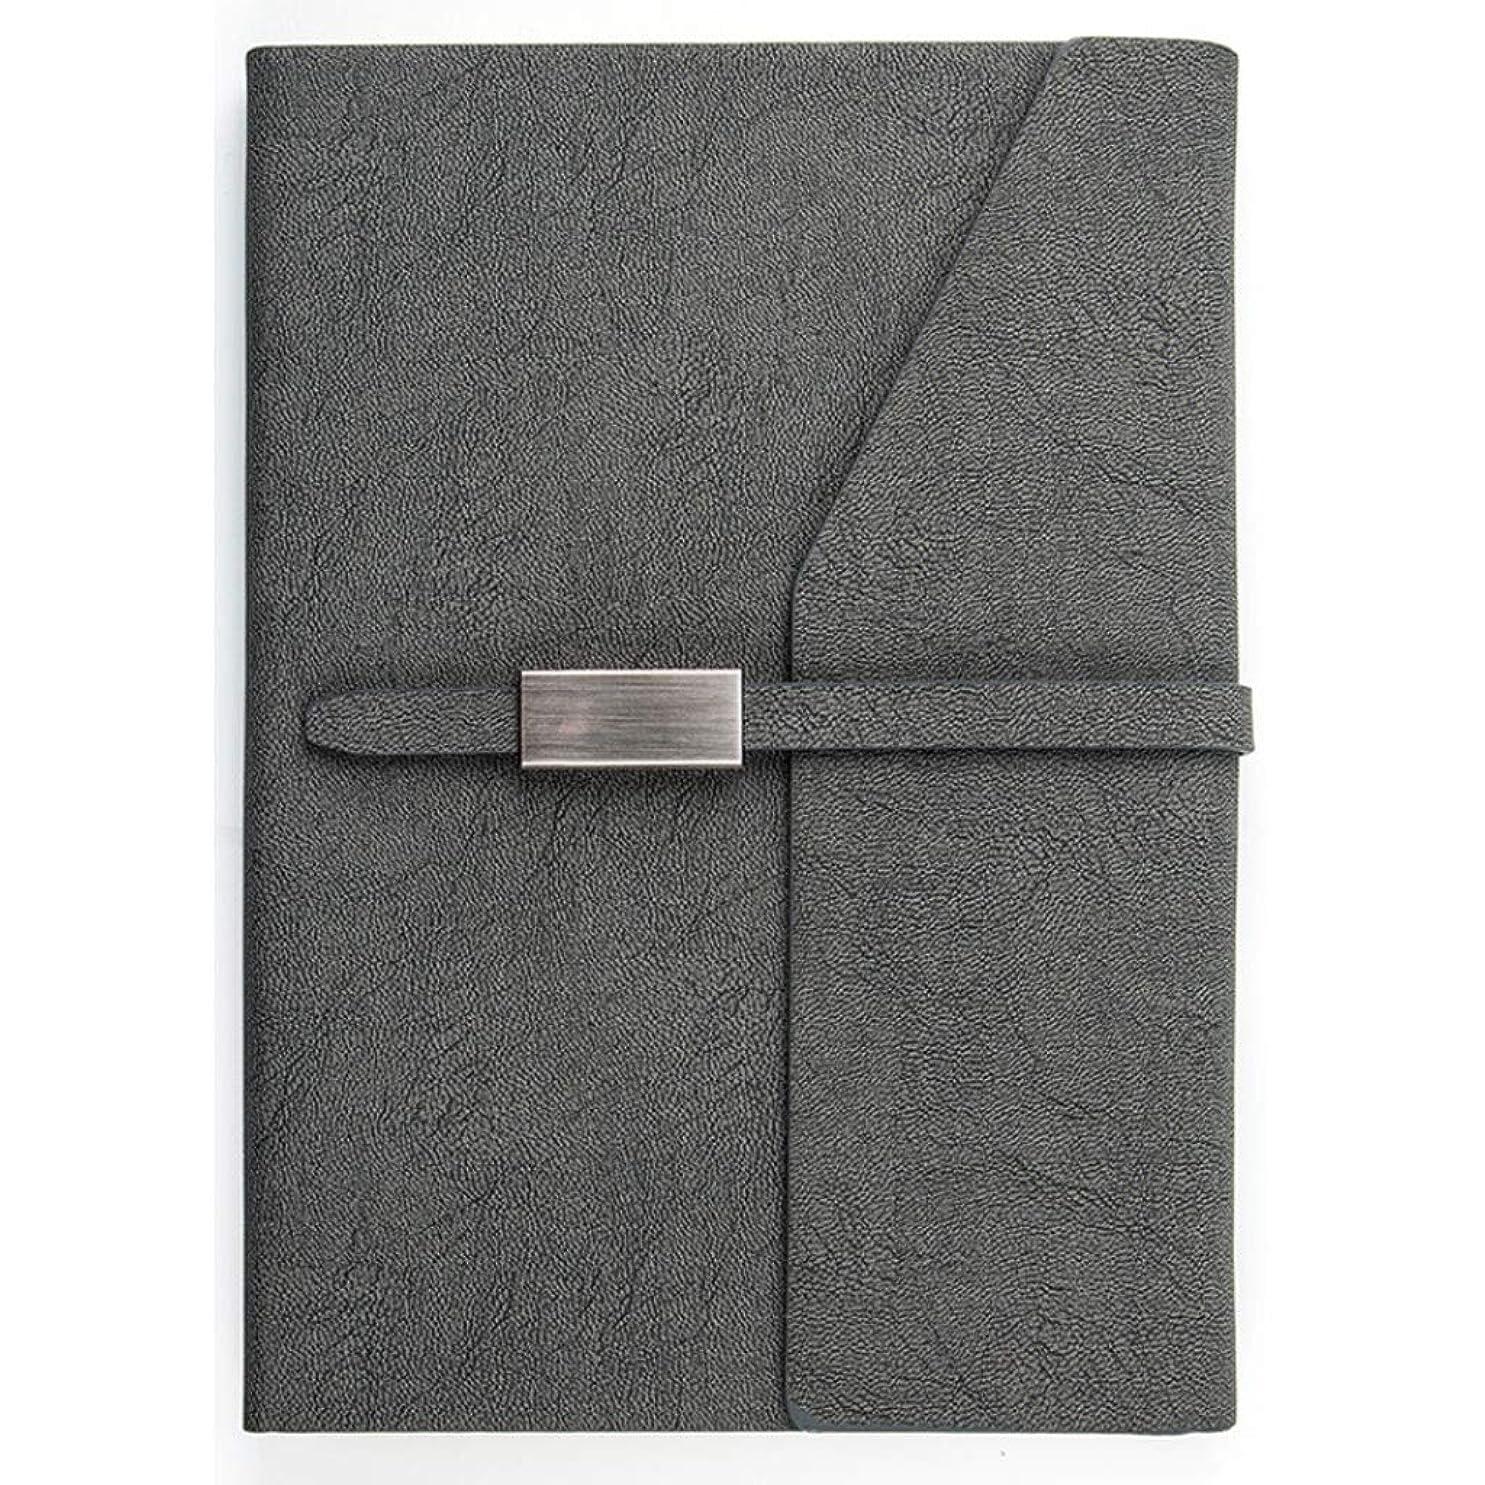 孤児対人によるとレザーマガジン執筆ノート - ビジネスノート文房具A5バックルノートブックノートブック多機能パッケージ、サイン入りペンを含む (Color : Gray)